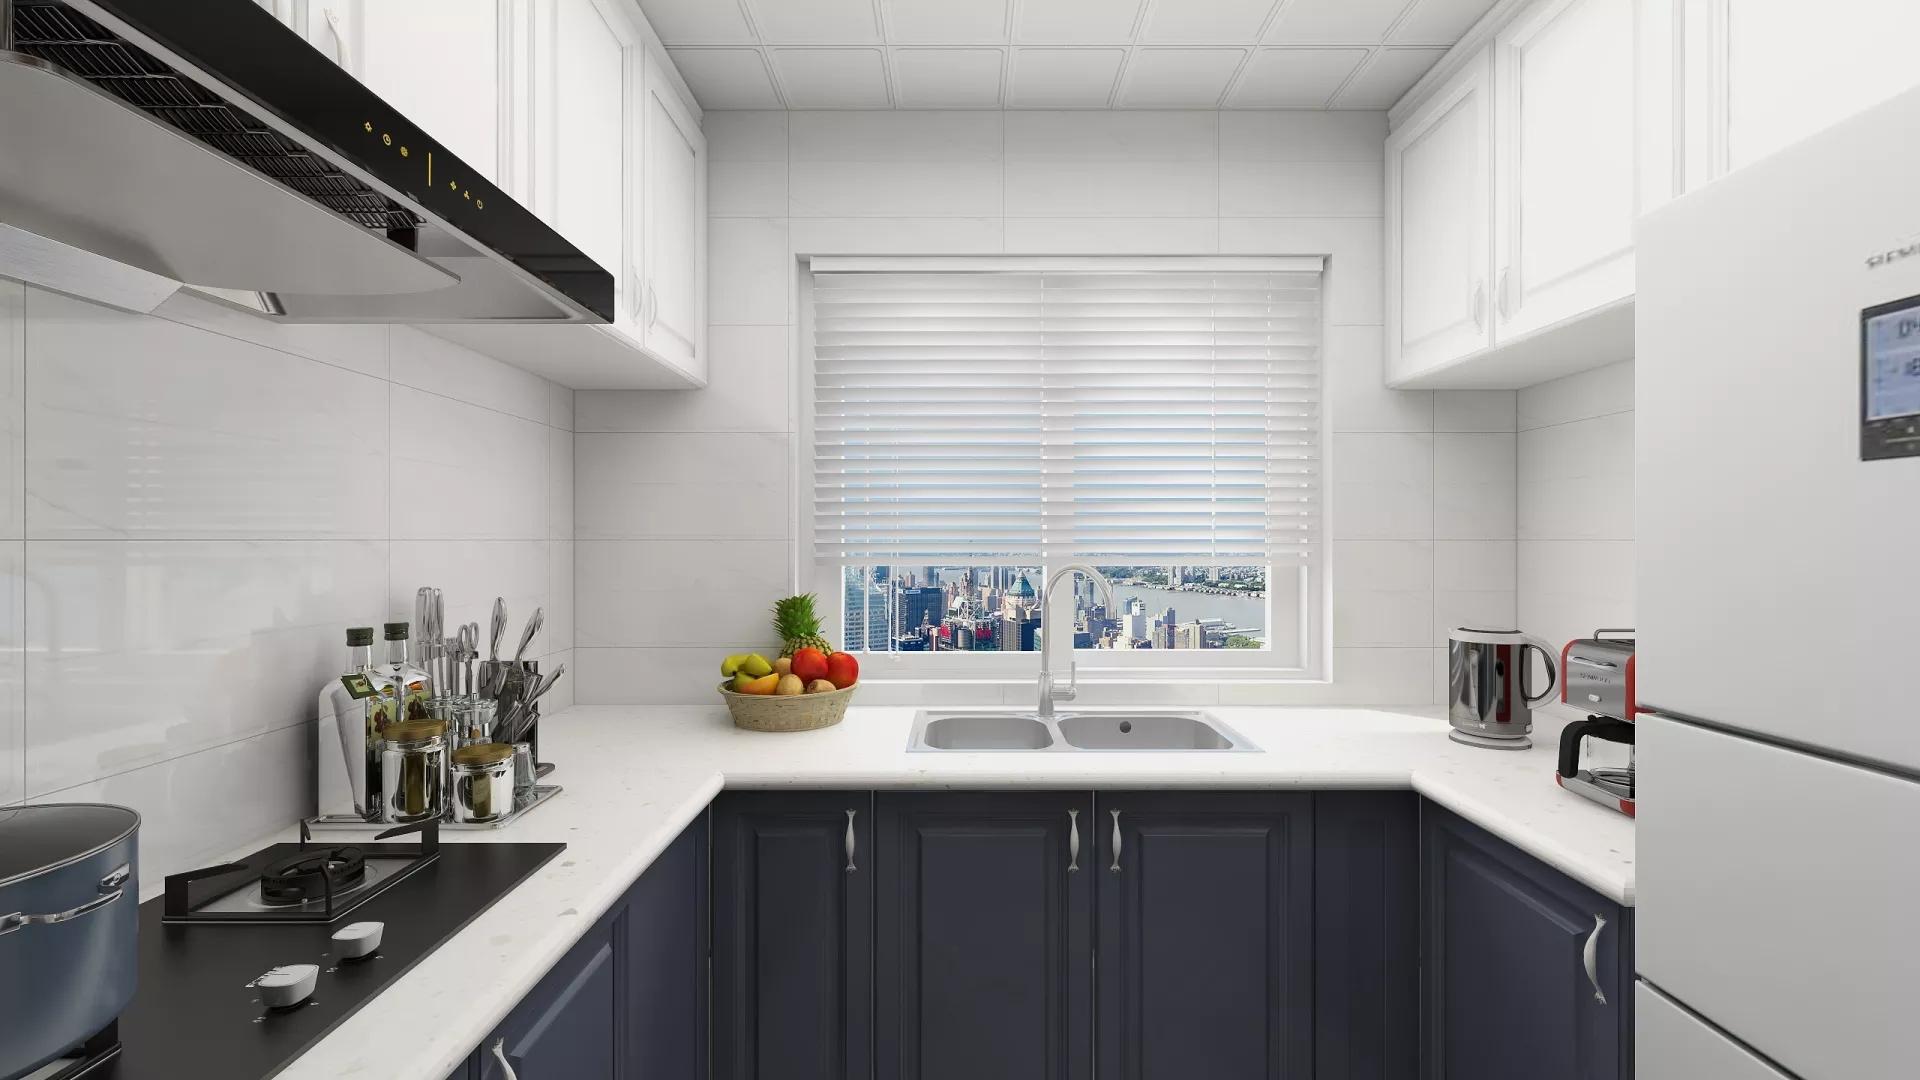 塑钢门窗安装工艺流程 家装塑钢门窗如何安装